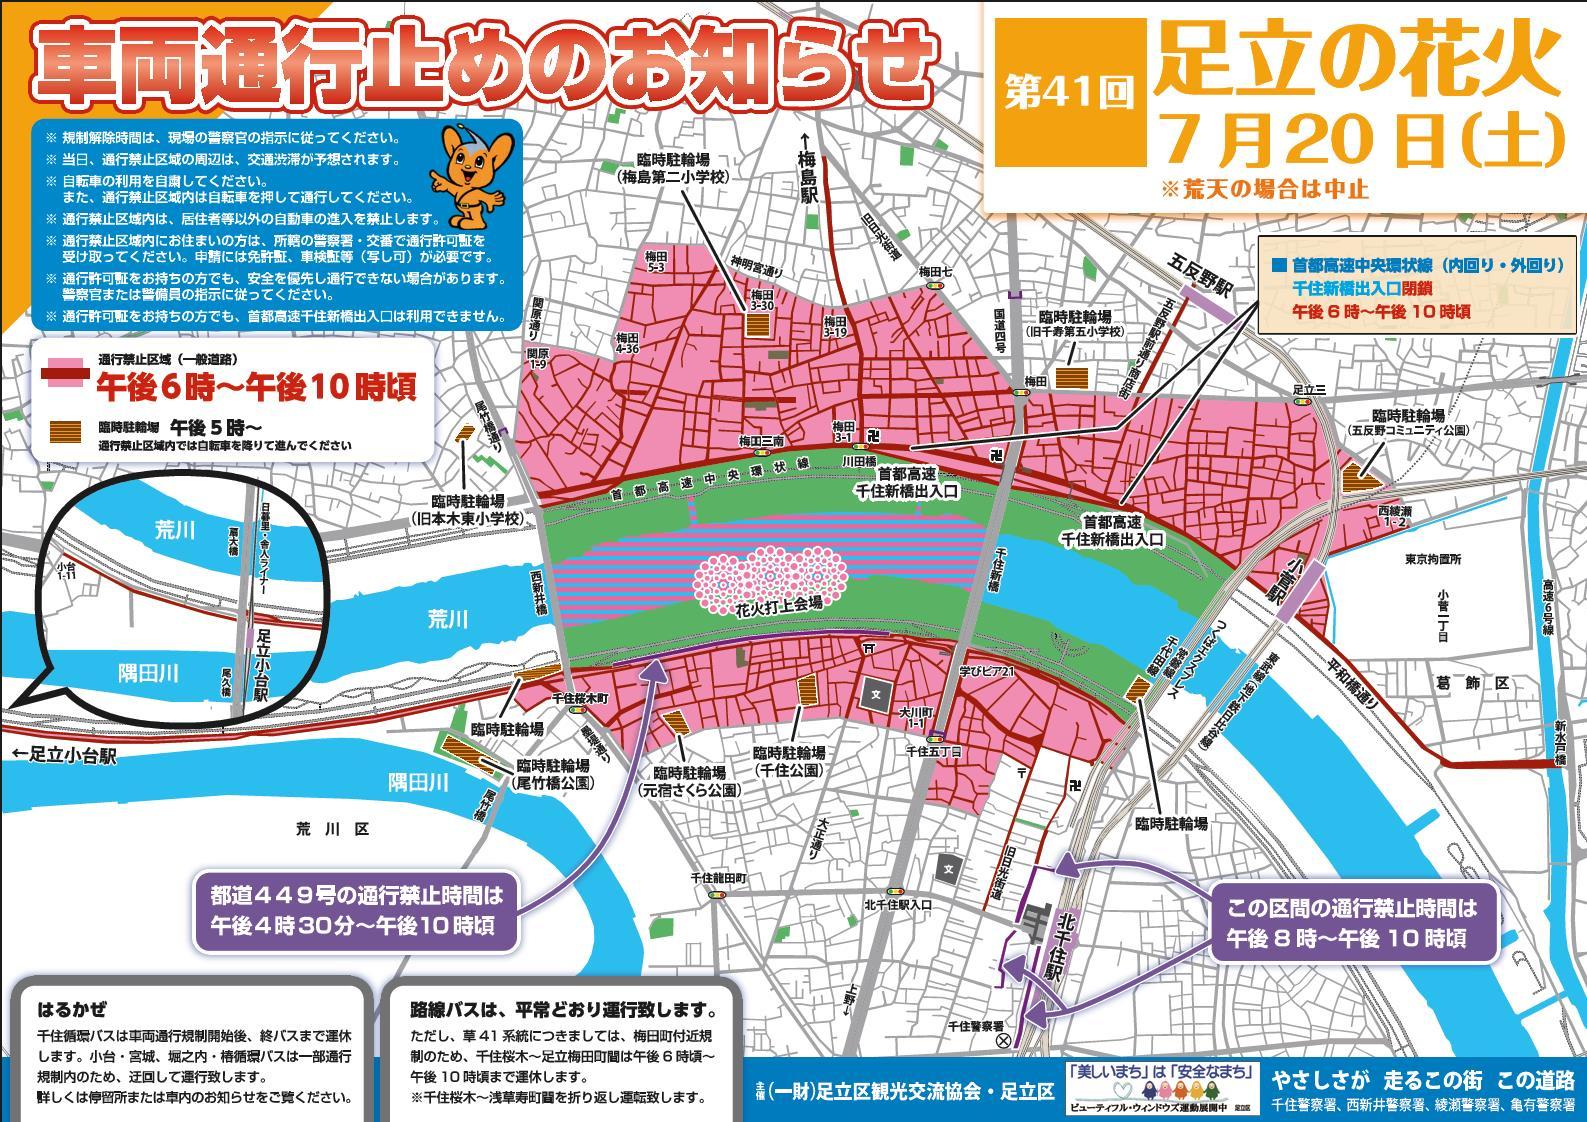 足立の花火 交通規制(車両通行止めのお知らせ)